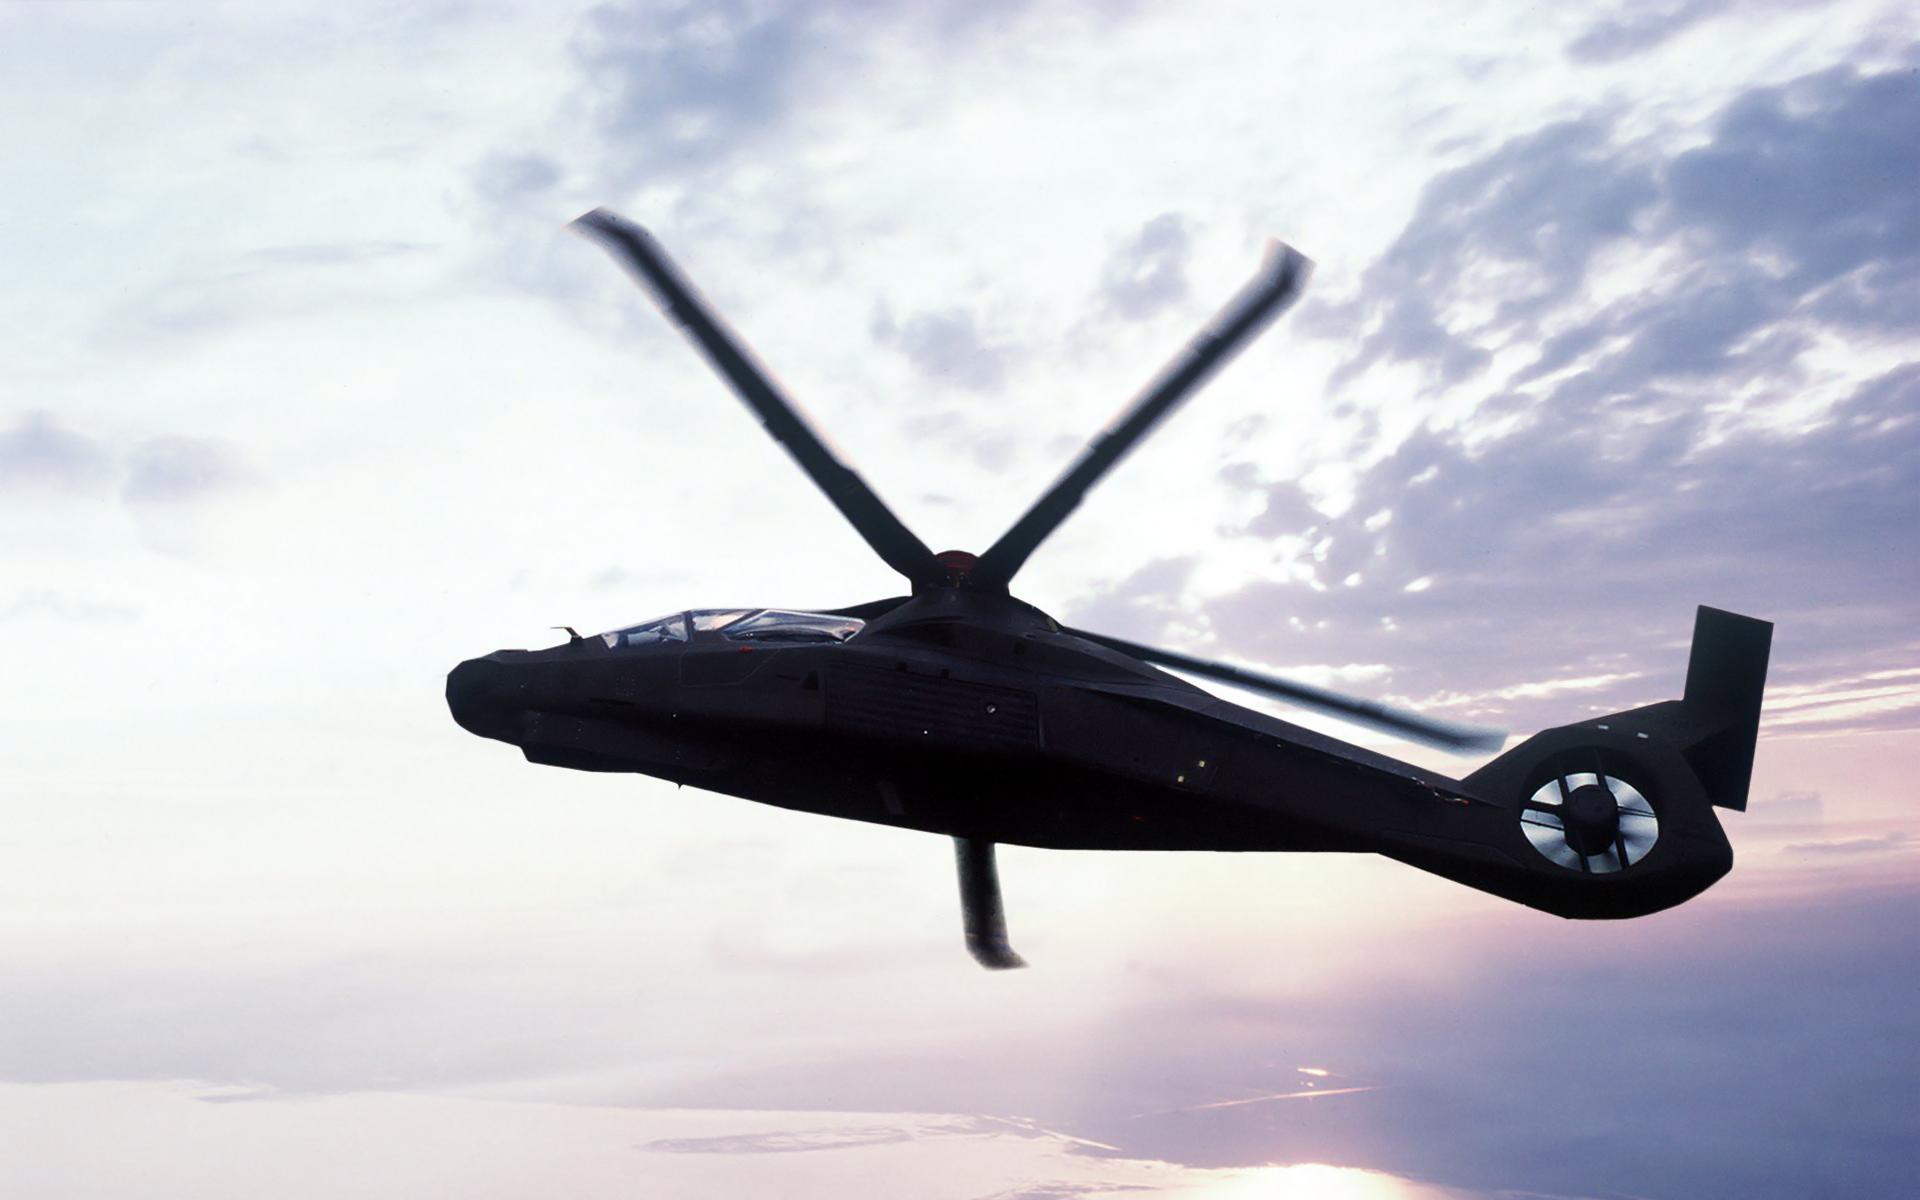 RAH-66 Comanche - 1920x1200